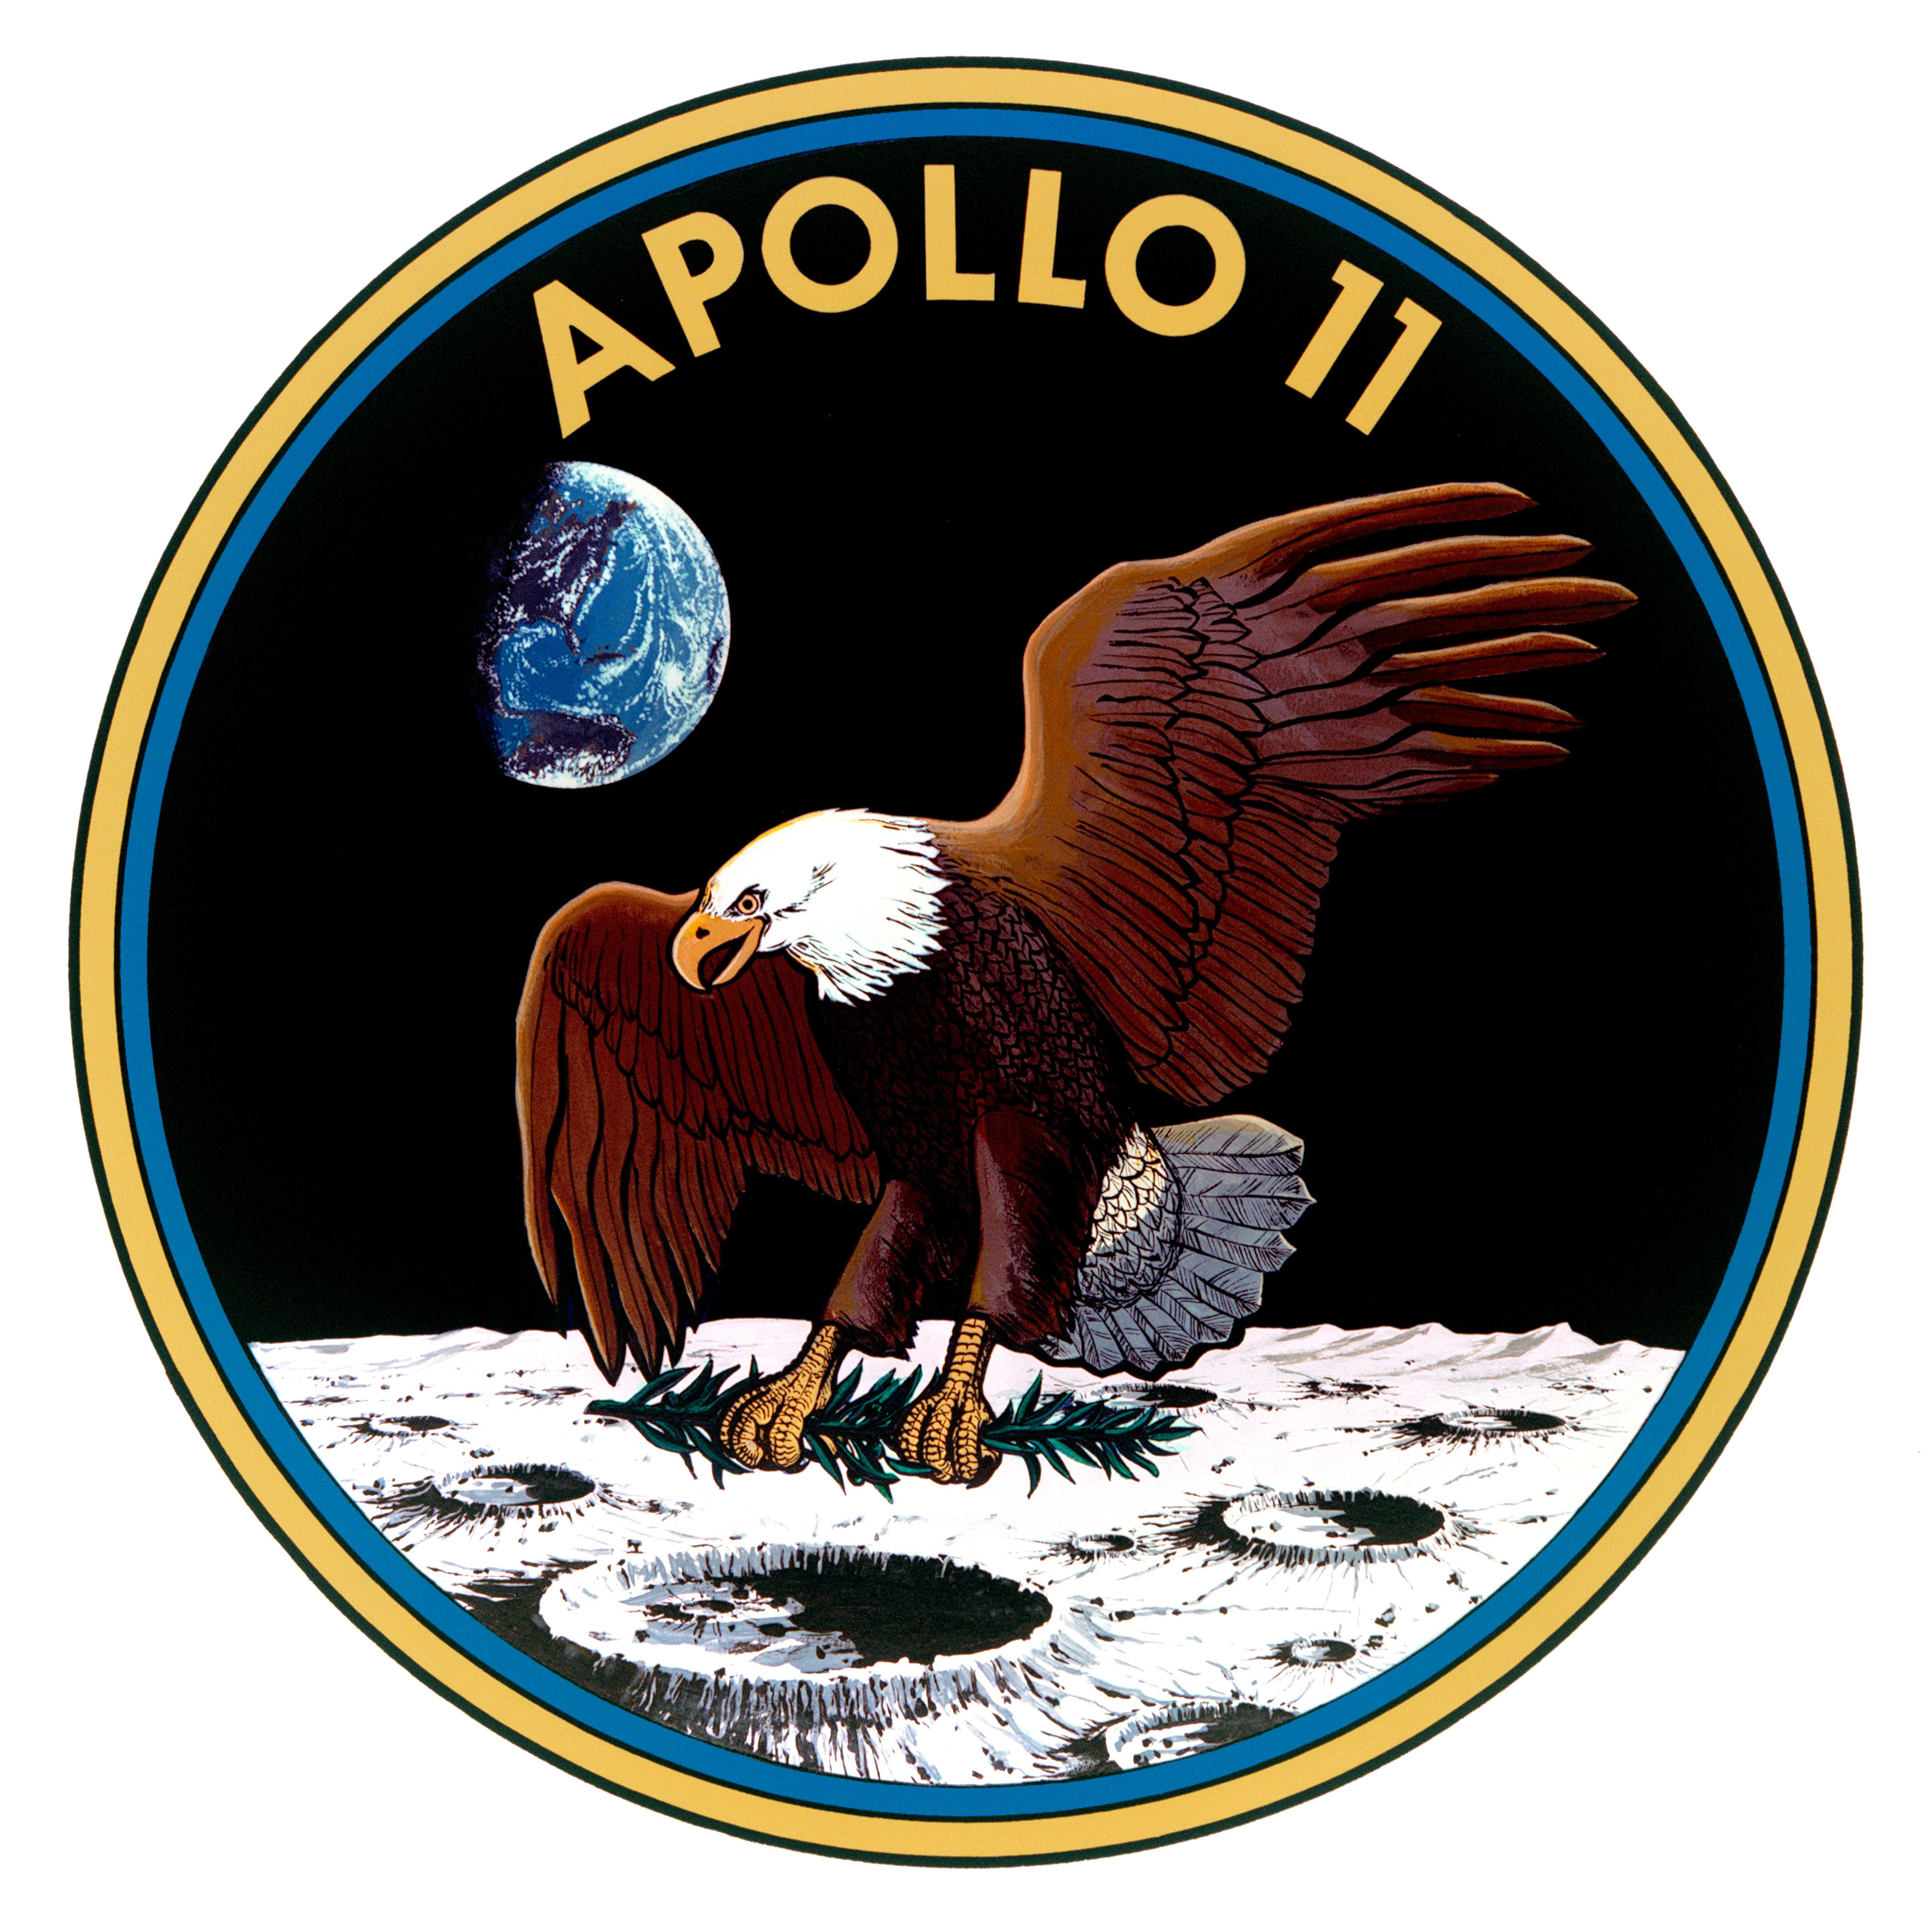 Mission Eagles Logo Eagles Have Been a Symbol on